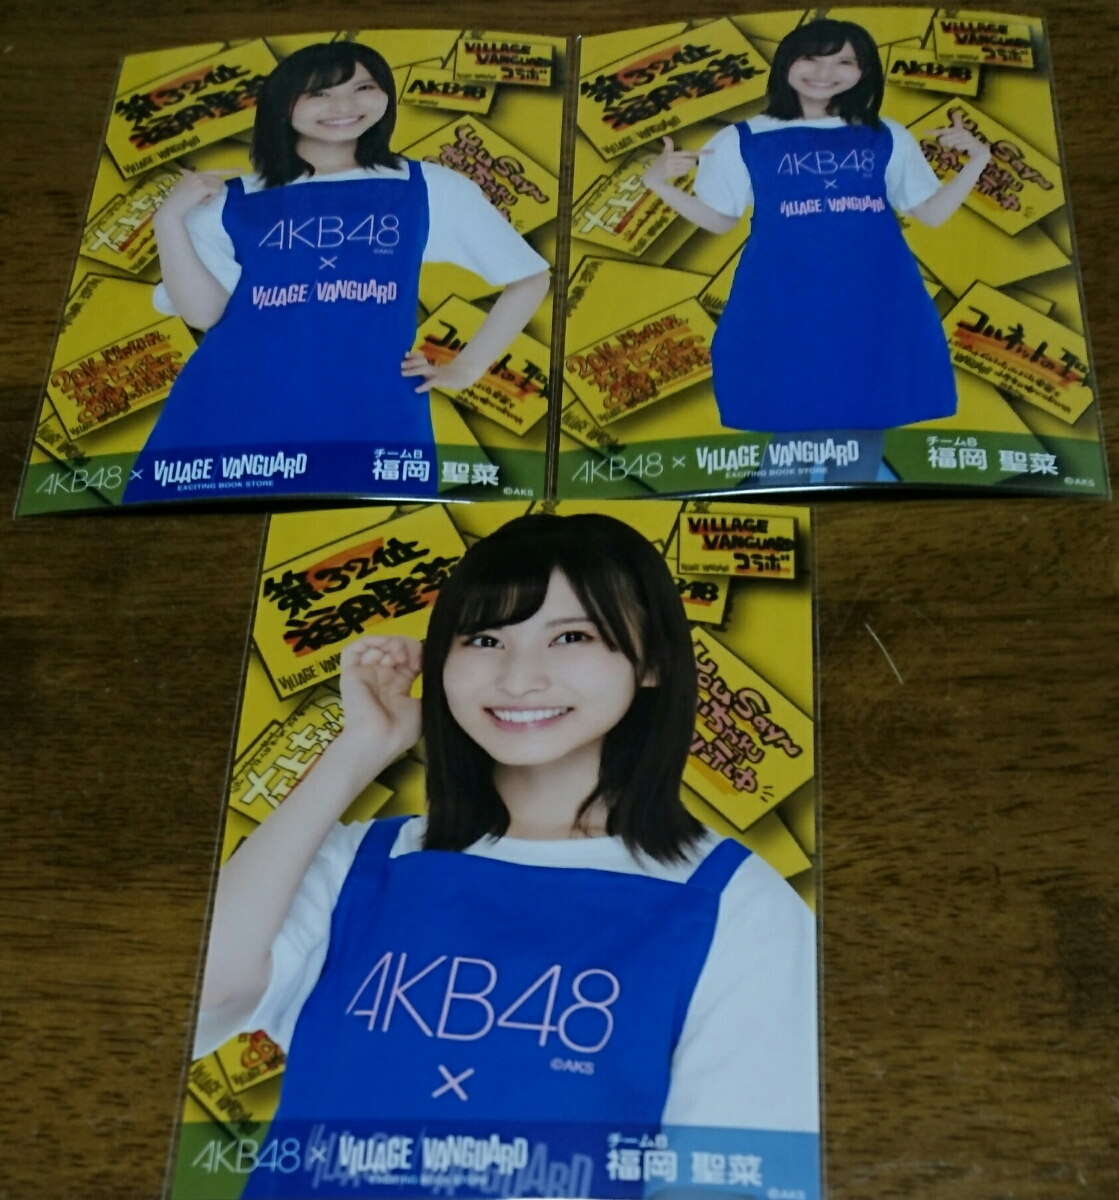 AKB48 ヴィレッジヴァンガード 選抜総選挙 第32位 AKB48 福岡聖菜 コンプ